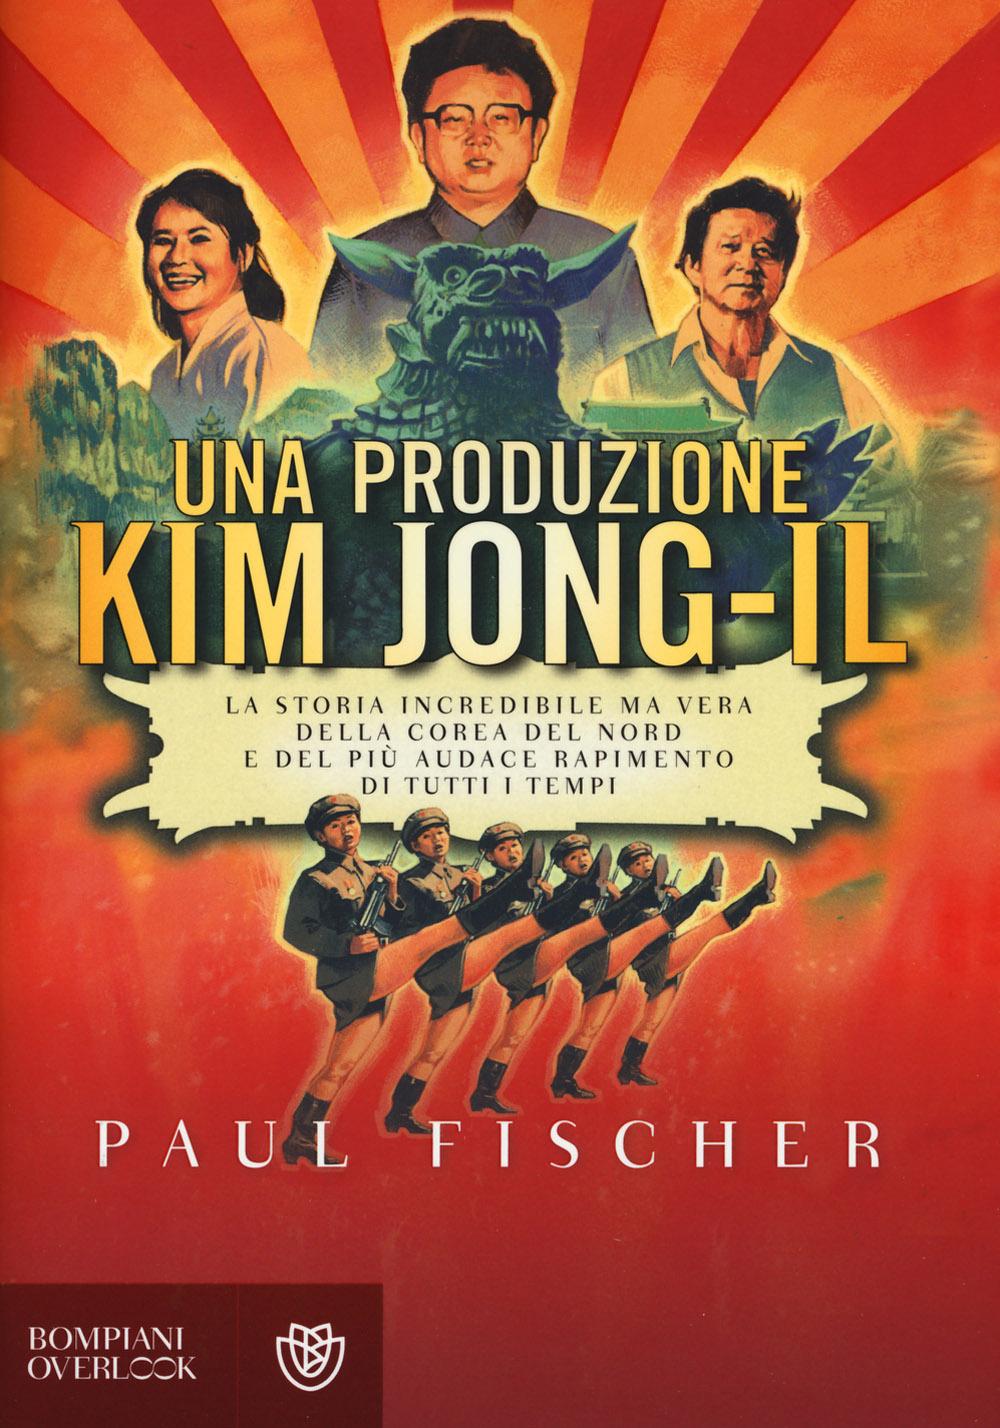 Una produzione Kim Jong-Il. La storia incredibile ma vera della Corea del Nord e del più audace rapimento di tutti i tempi